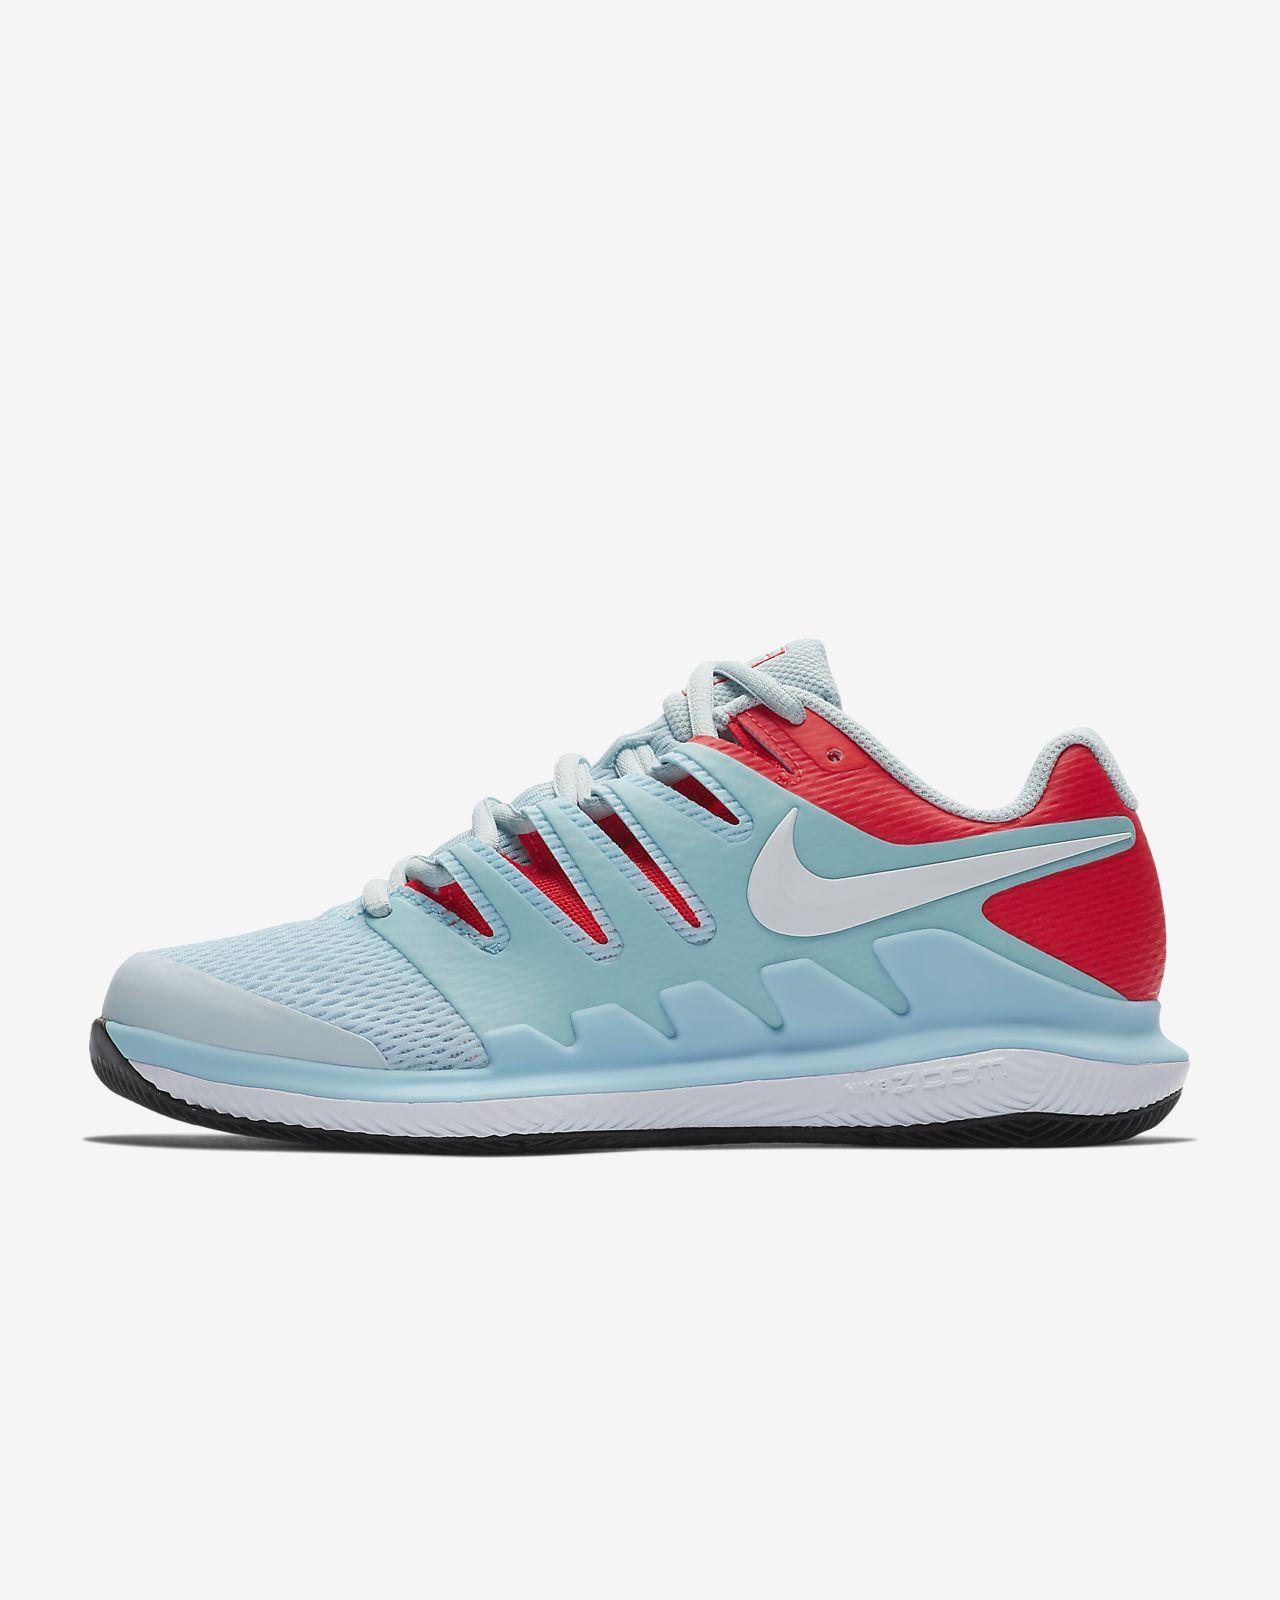 best service 7af97 b3d73 ... Chaussure de tennis pour surface dure NikeCourt Air Zoom Vapor X pour  Femme